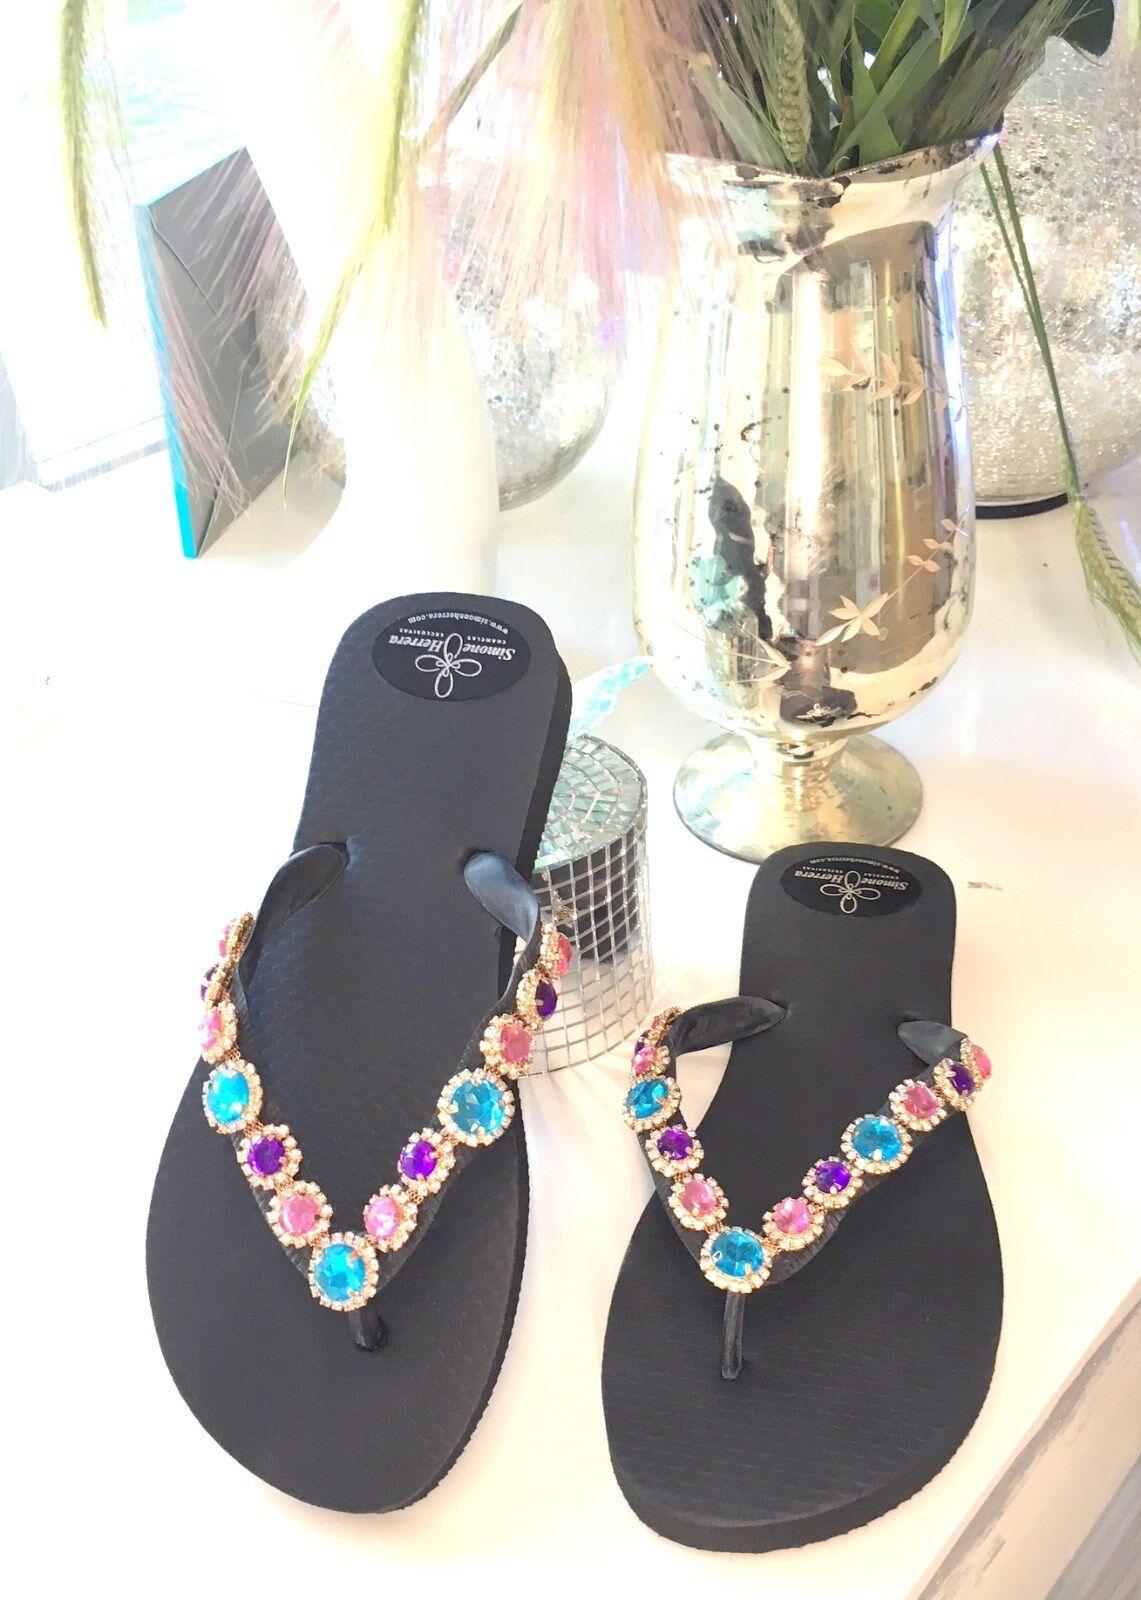 Sandalias señora sandalias tira dedos zapatos zapatos zapatos brillo pedrería multiColor 39 40  liquidación hasta el 70%